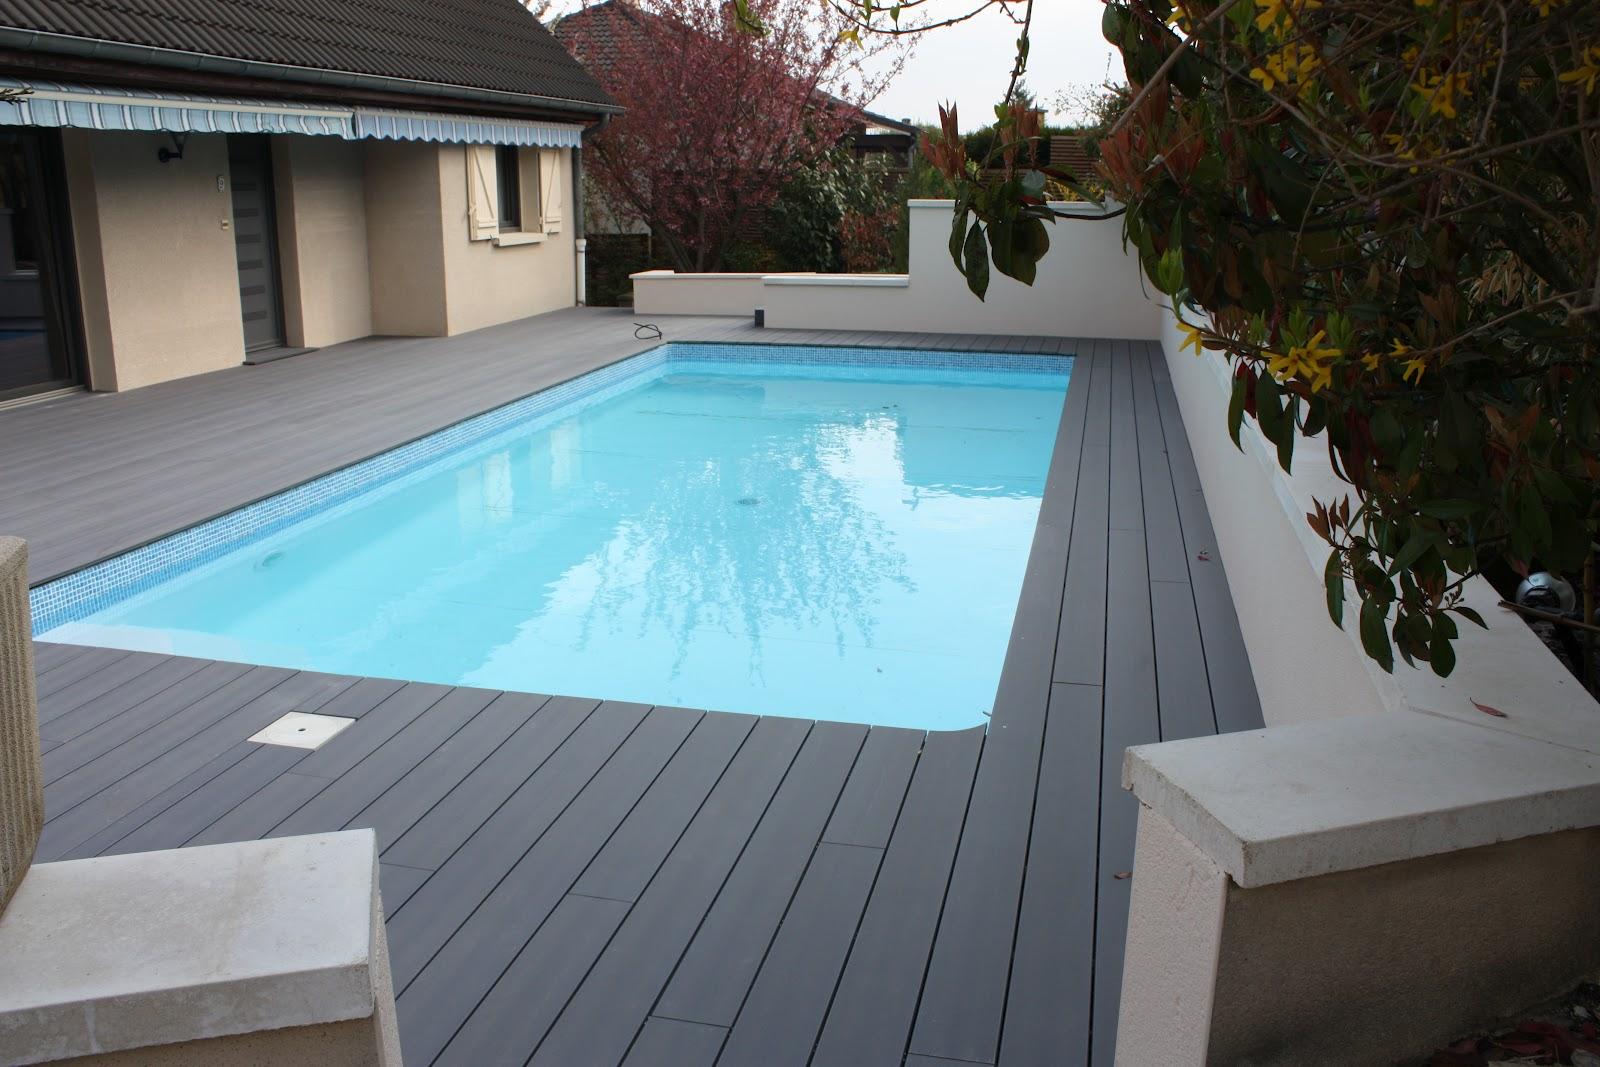 terrasse piscine composite silvadec bordeaux terrasse bois composite large 150 mm